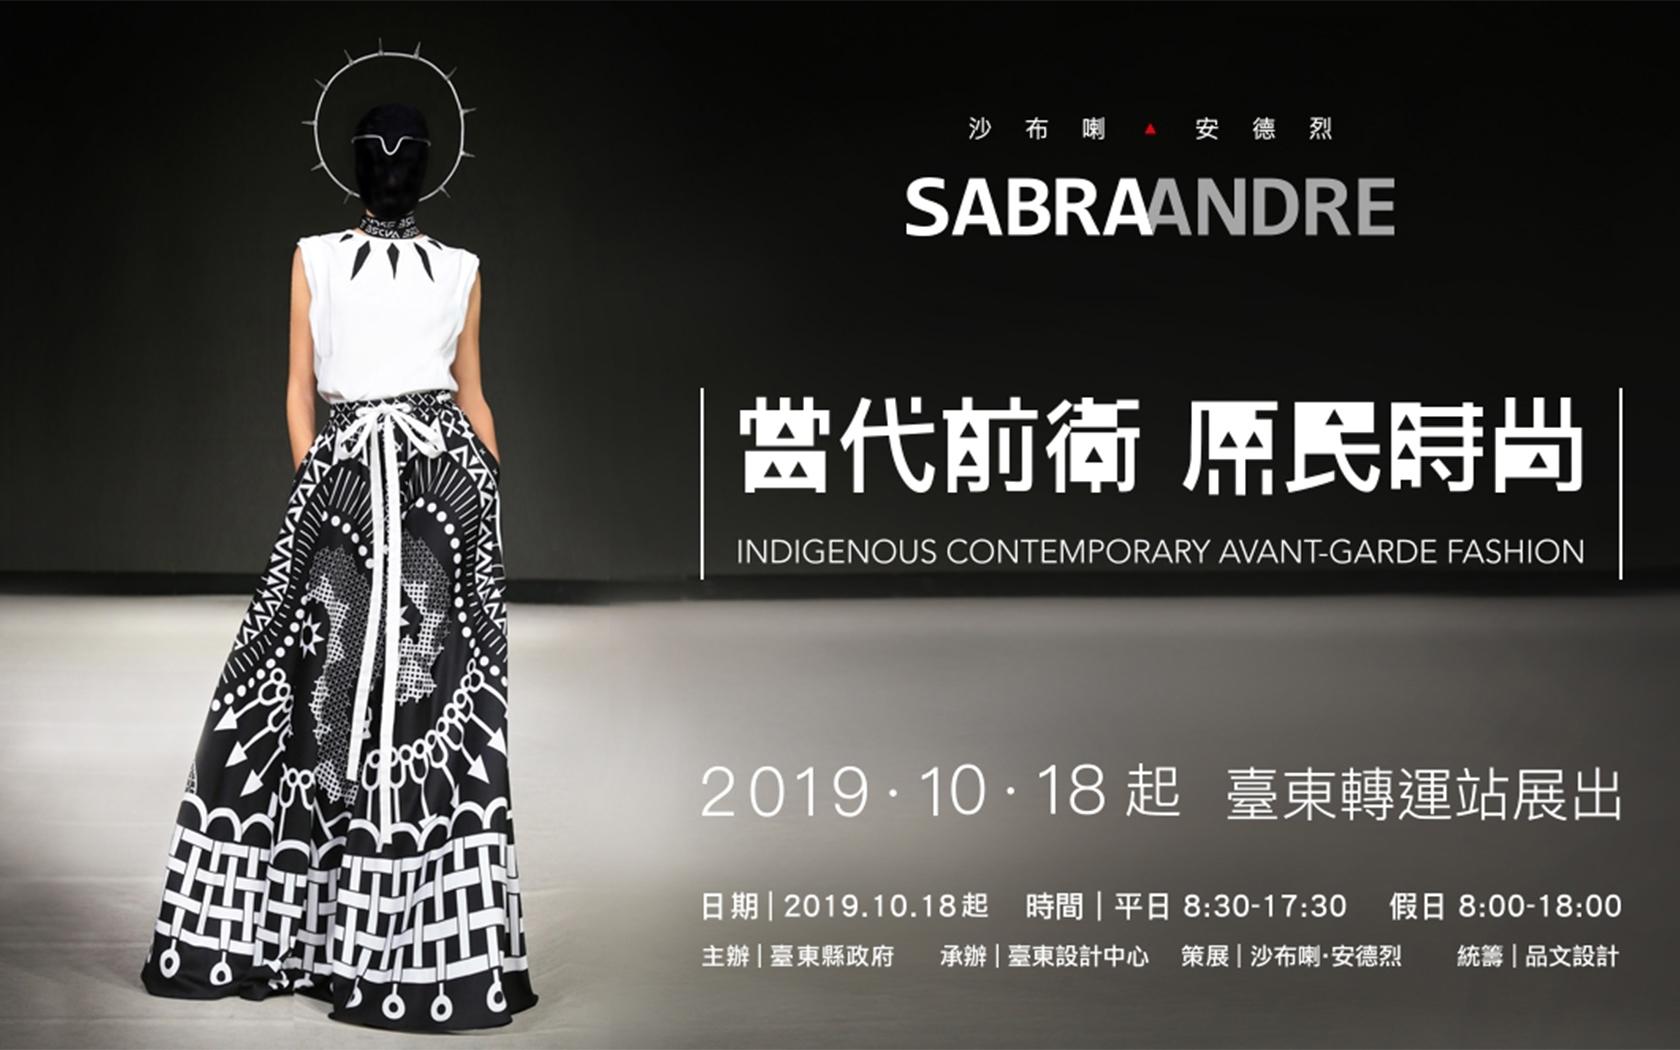 當代前衛 ‧ 原民時尚 – 沙布喇‧安德烈服裝設計展